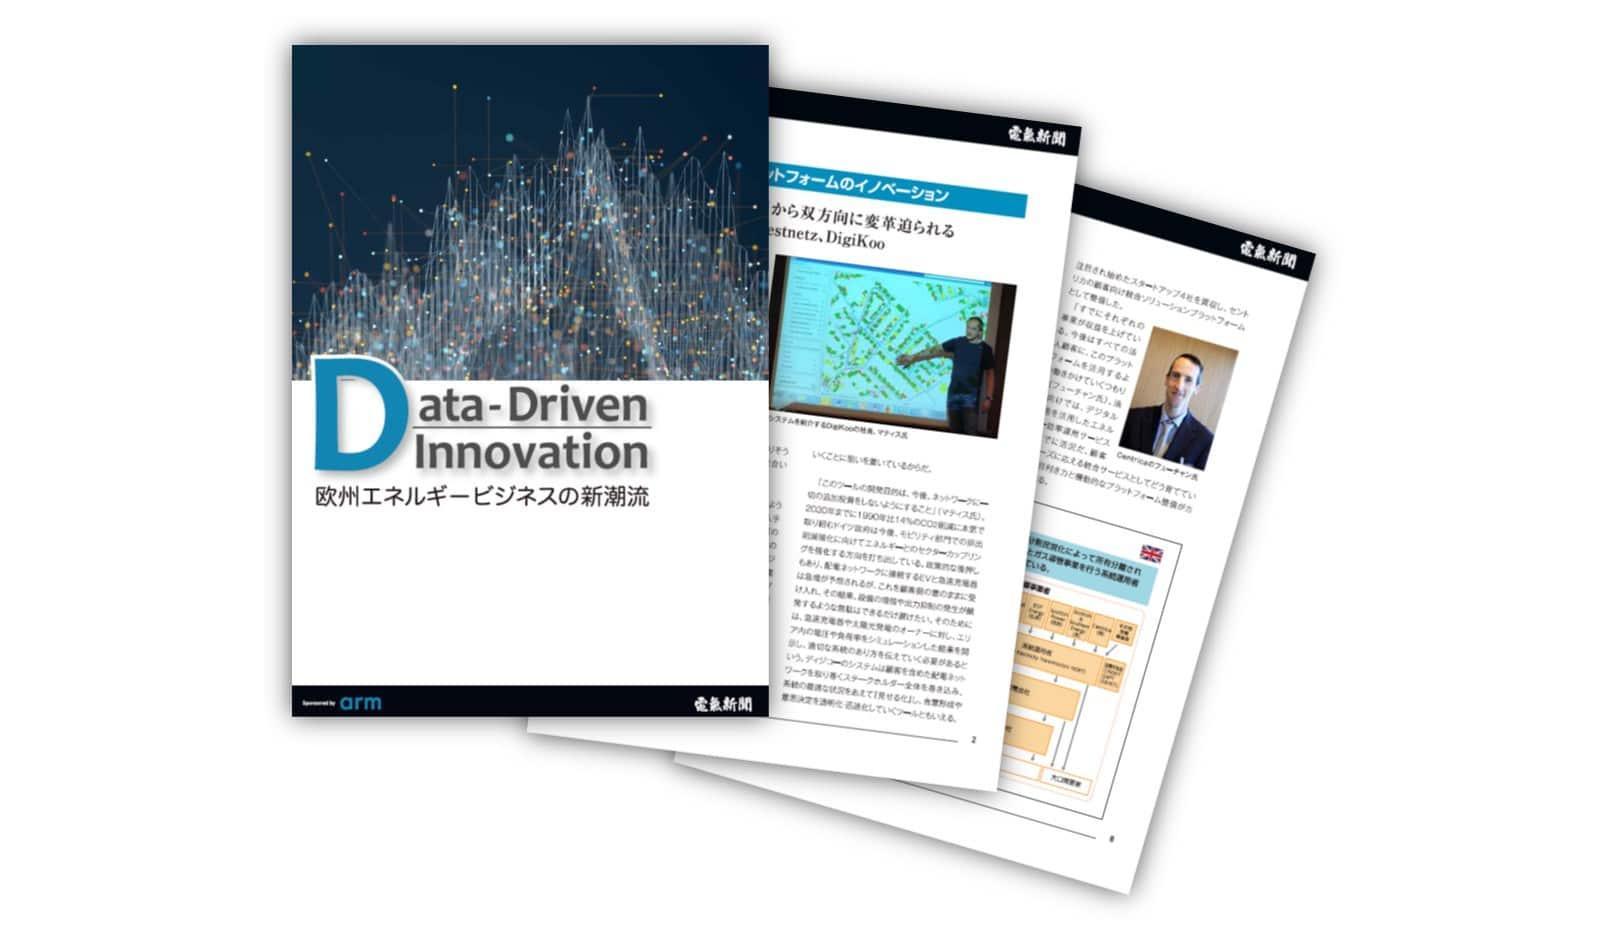 電気新聞主催の欧州視察ミッションの視察レポート「Data-Driven-Innovation 欧州エネルギービジネスの新潮流」